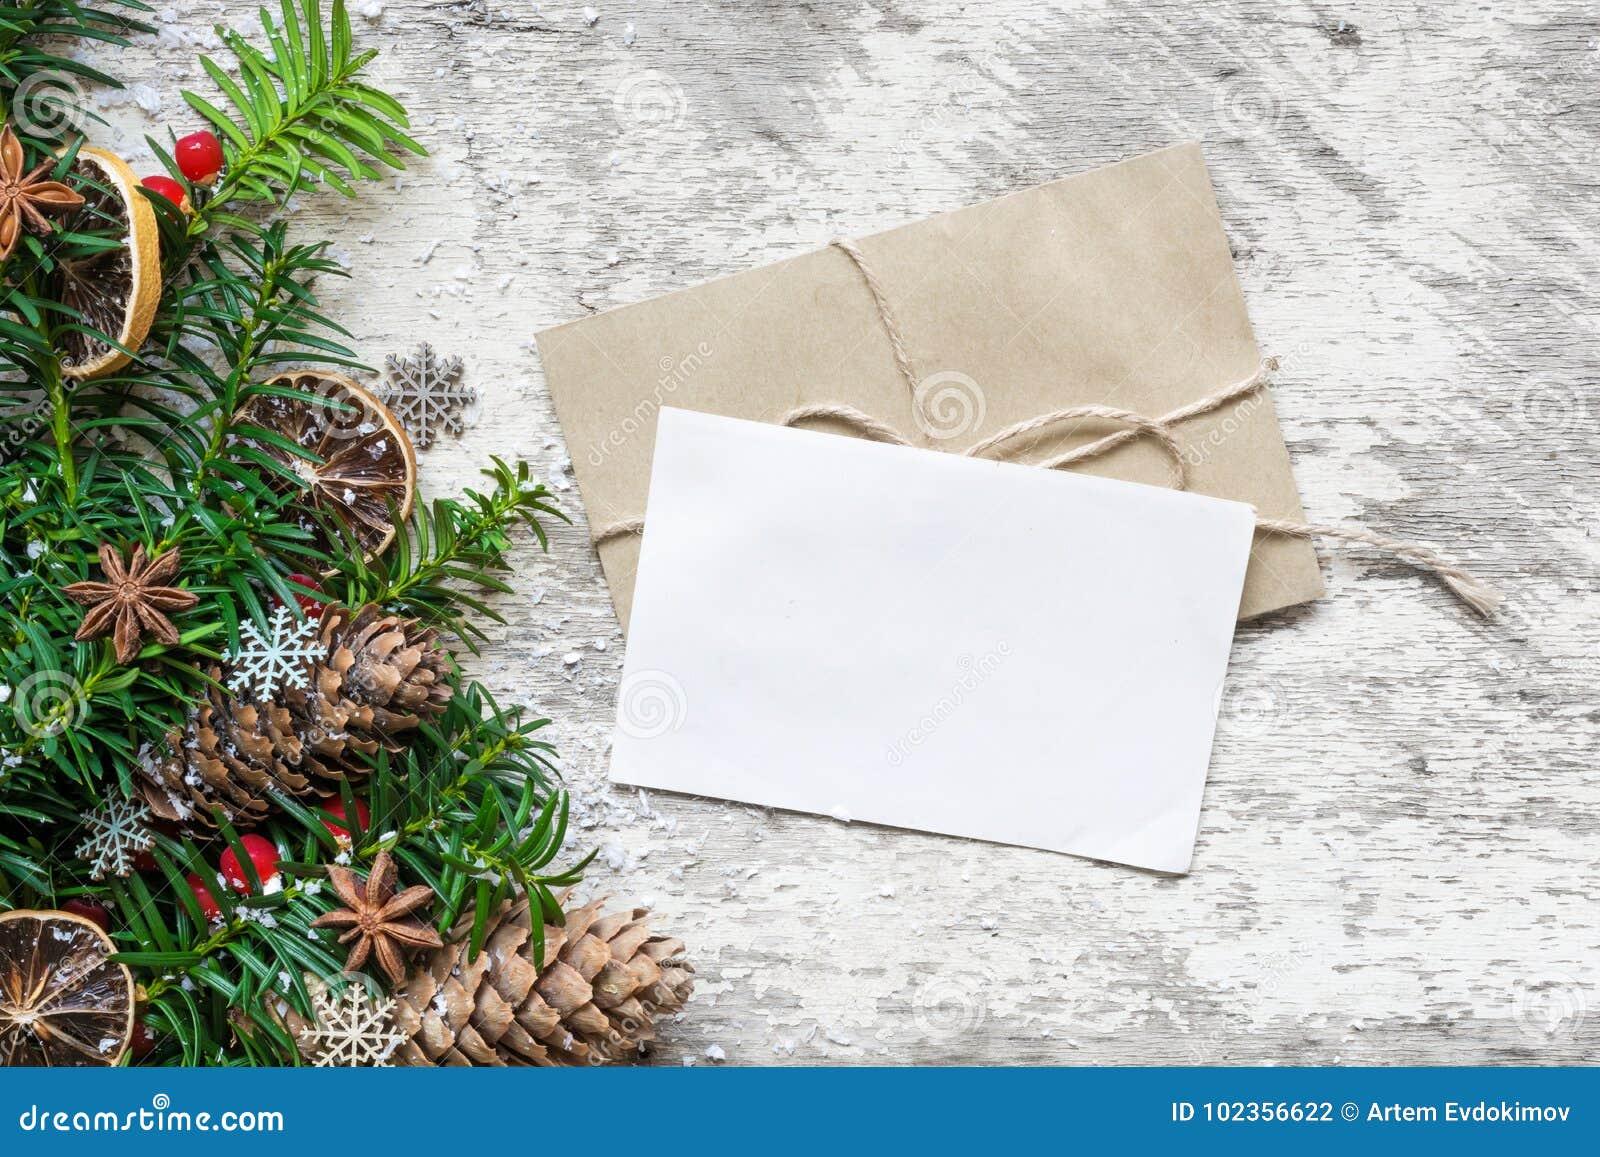 Branche D Arbre Sapin De Noel carte de voeux et enveloppe vides de noël blanc avec des